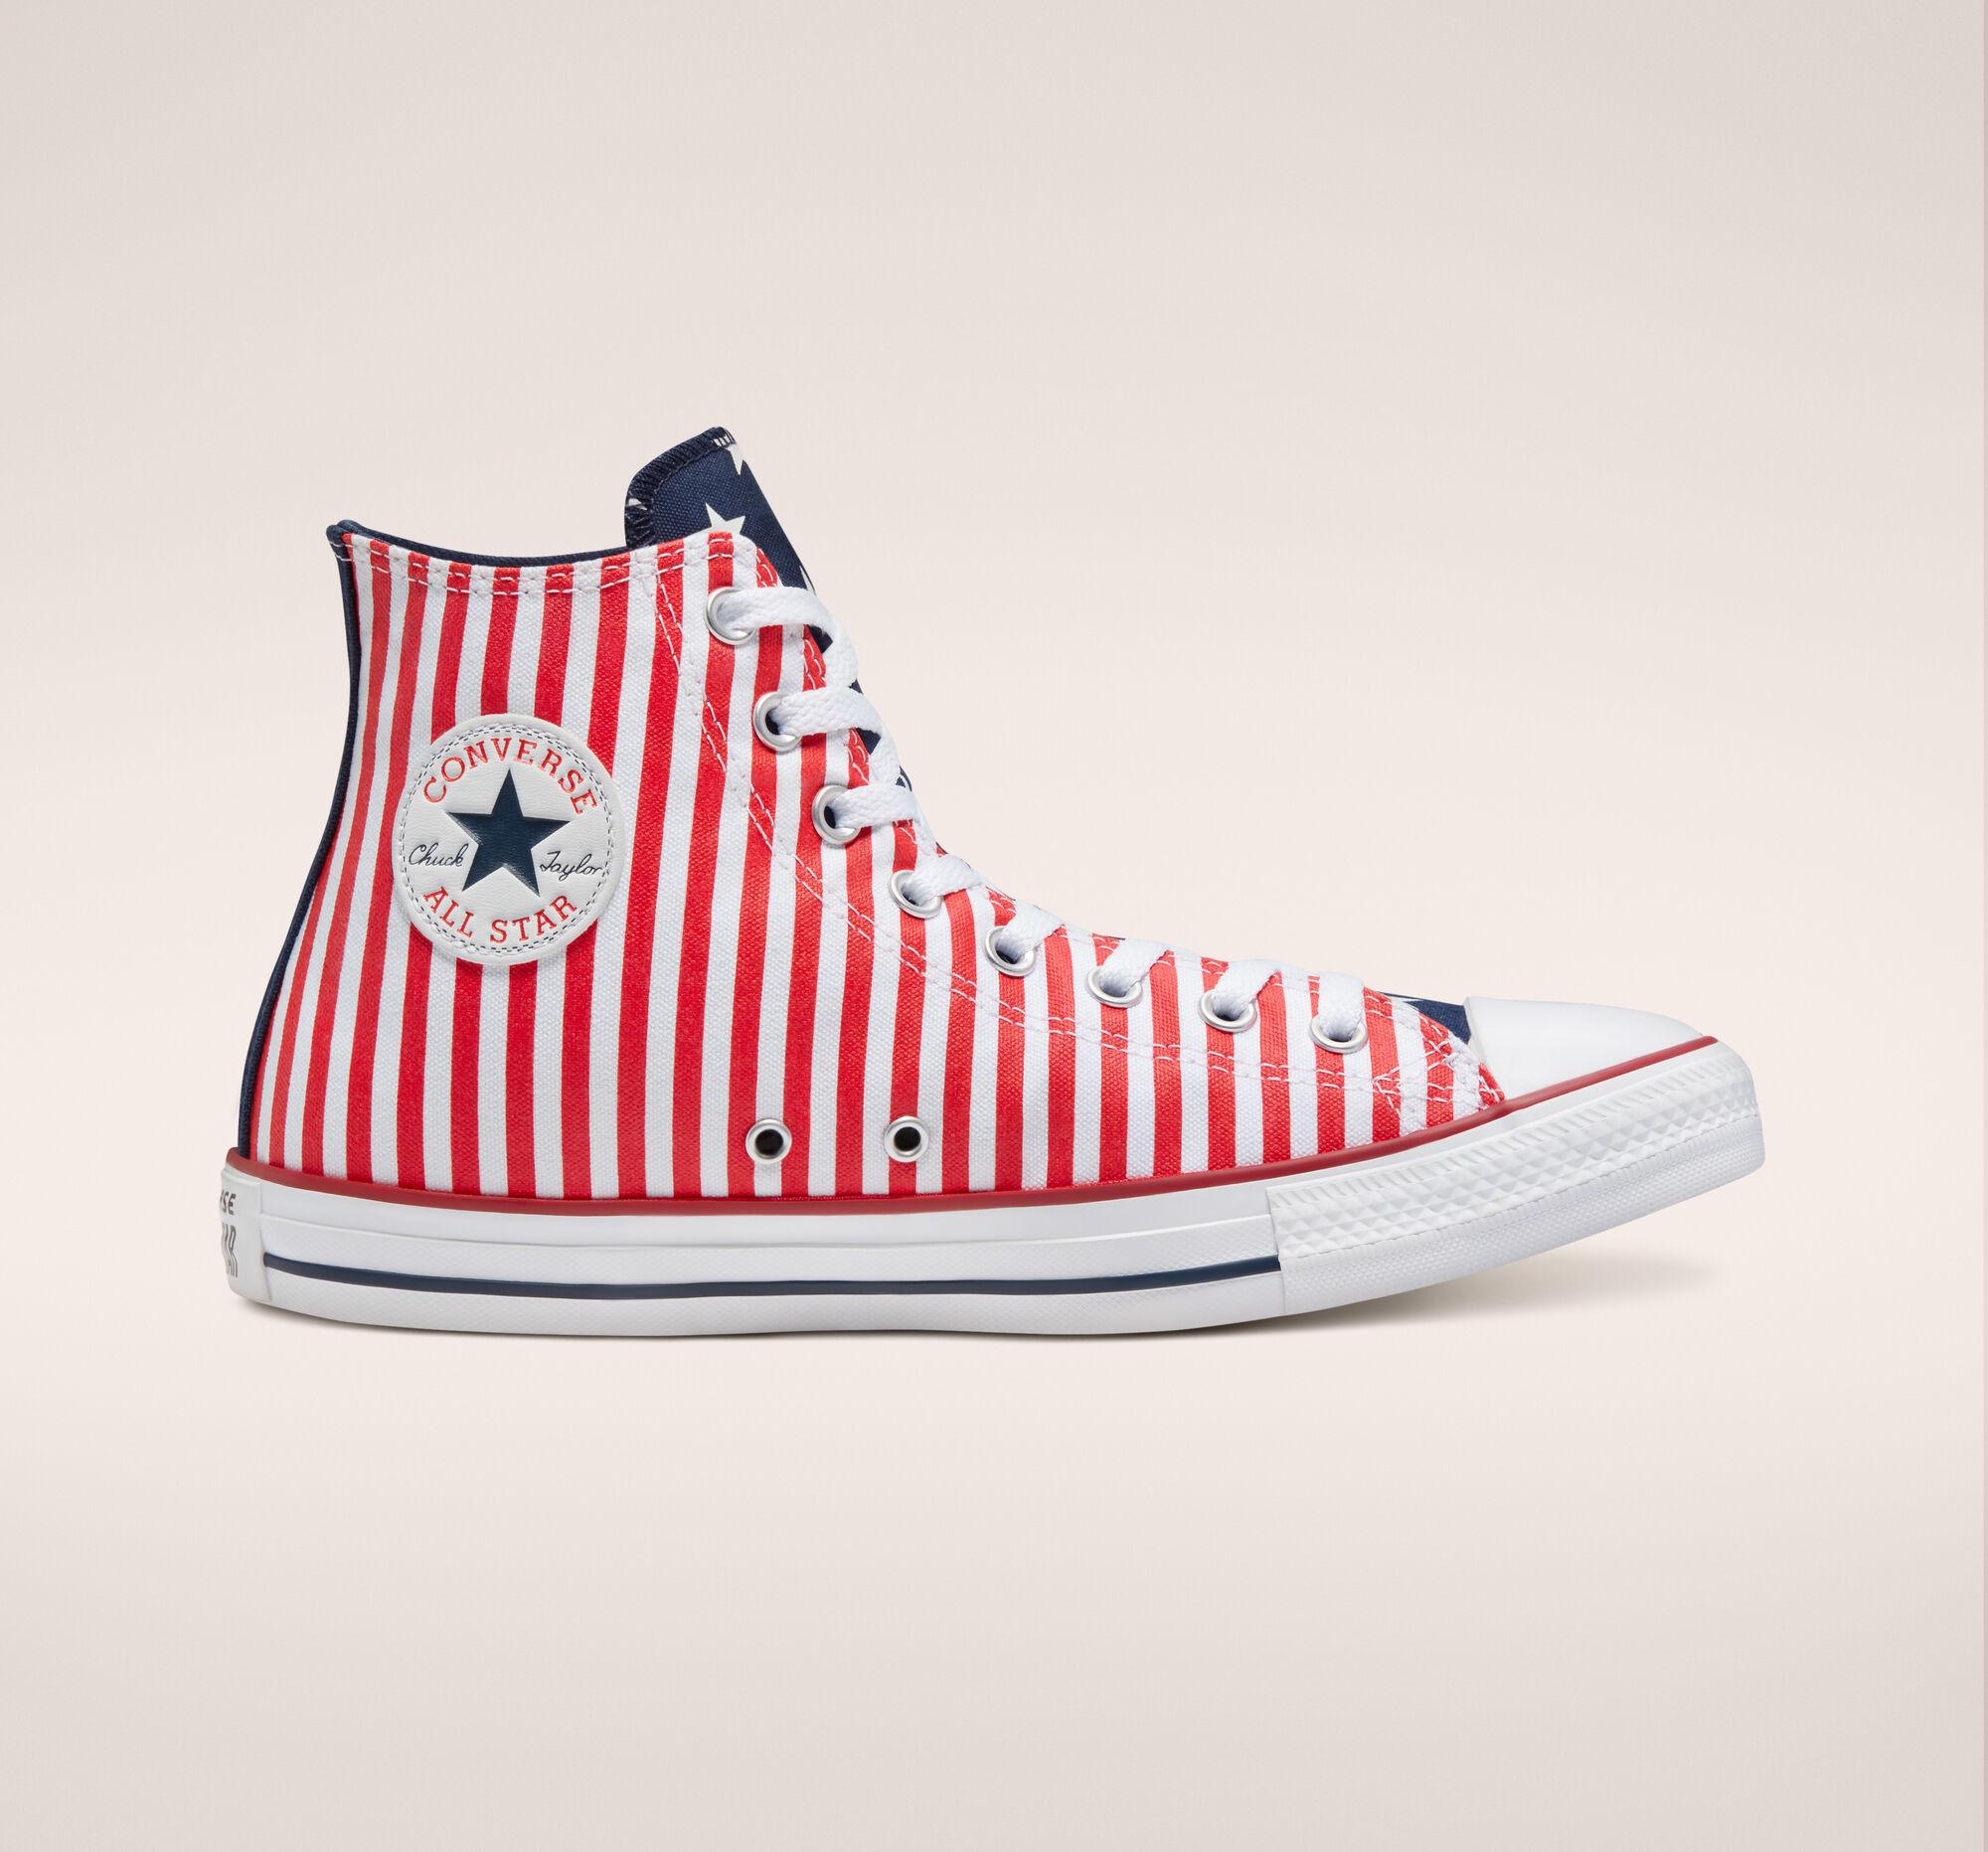 Stars & Stripes Chuck Taylor All Star